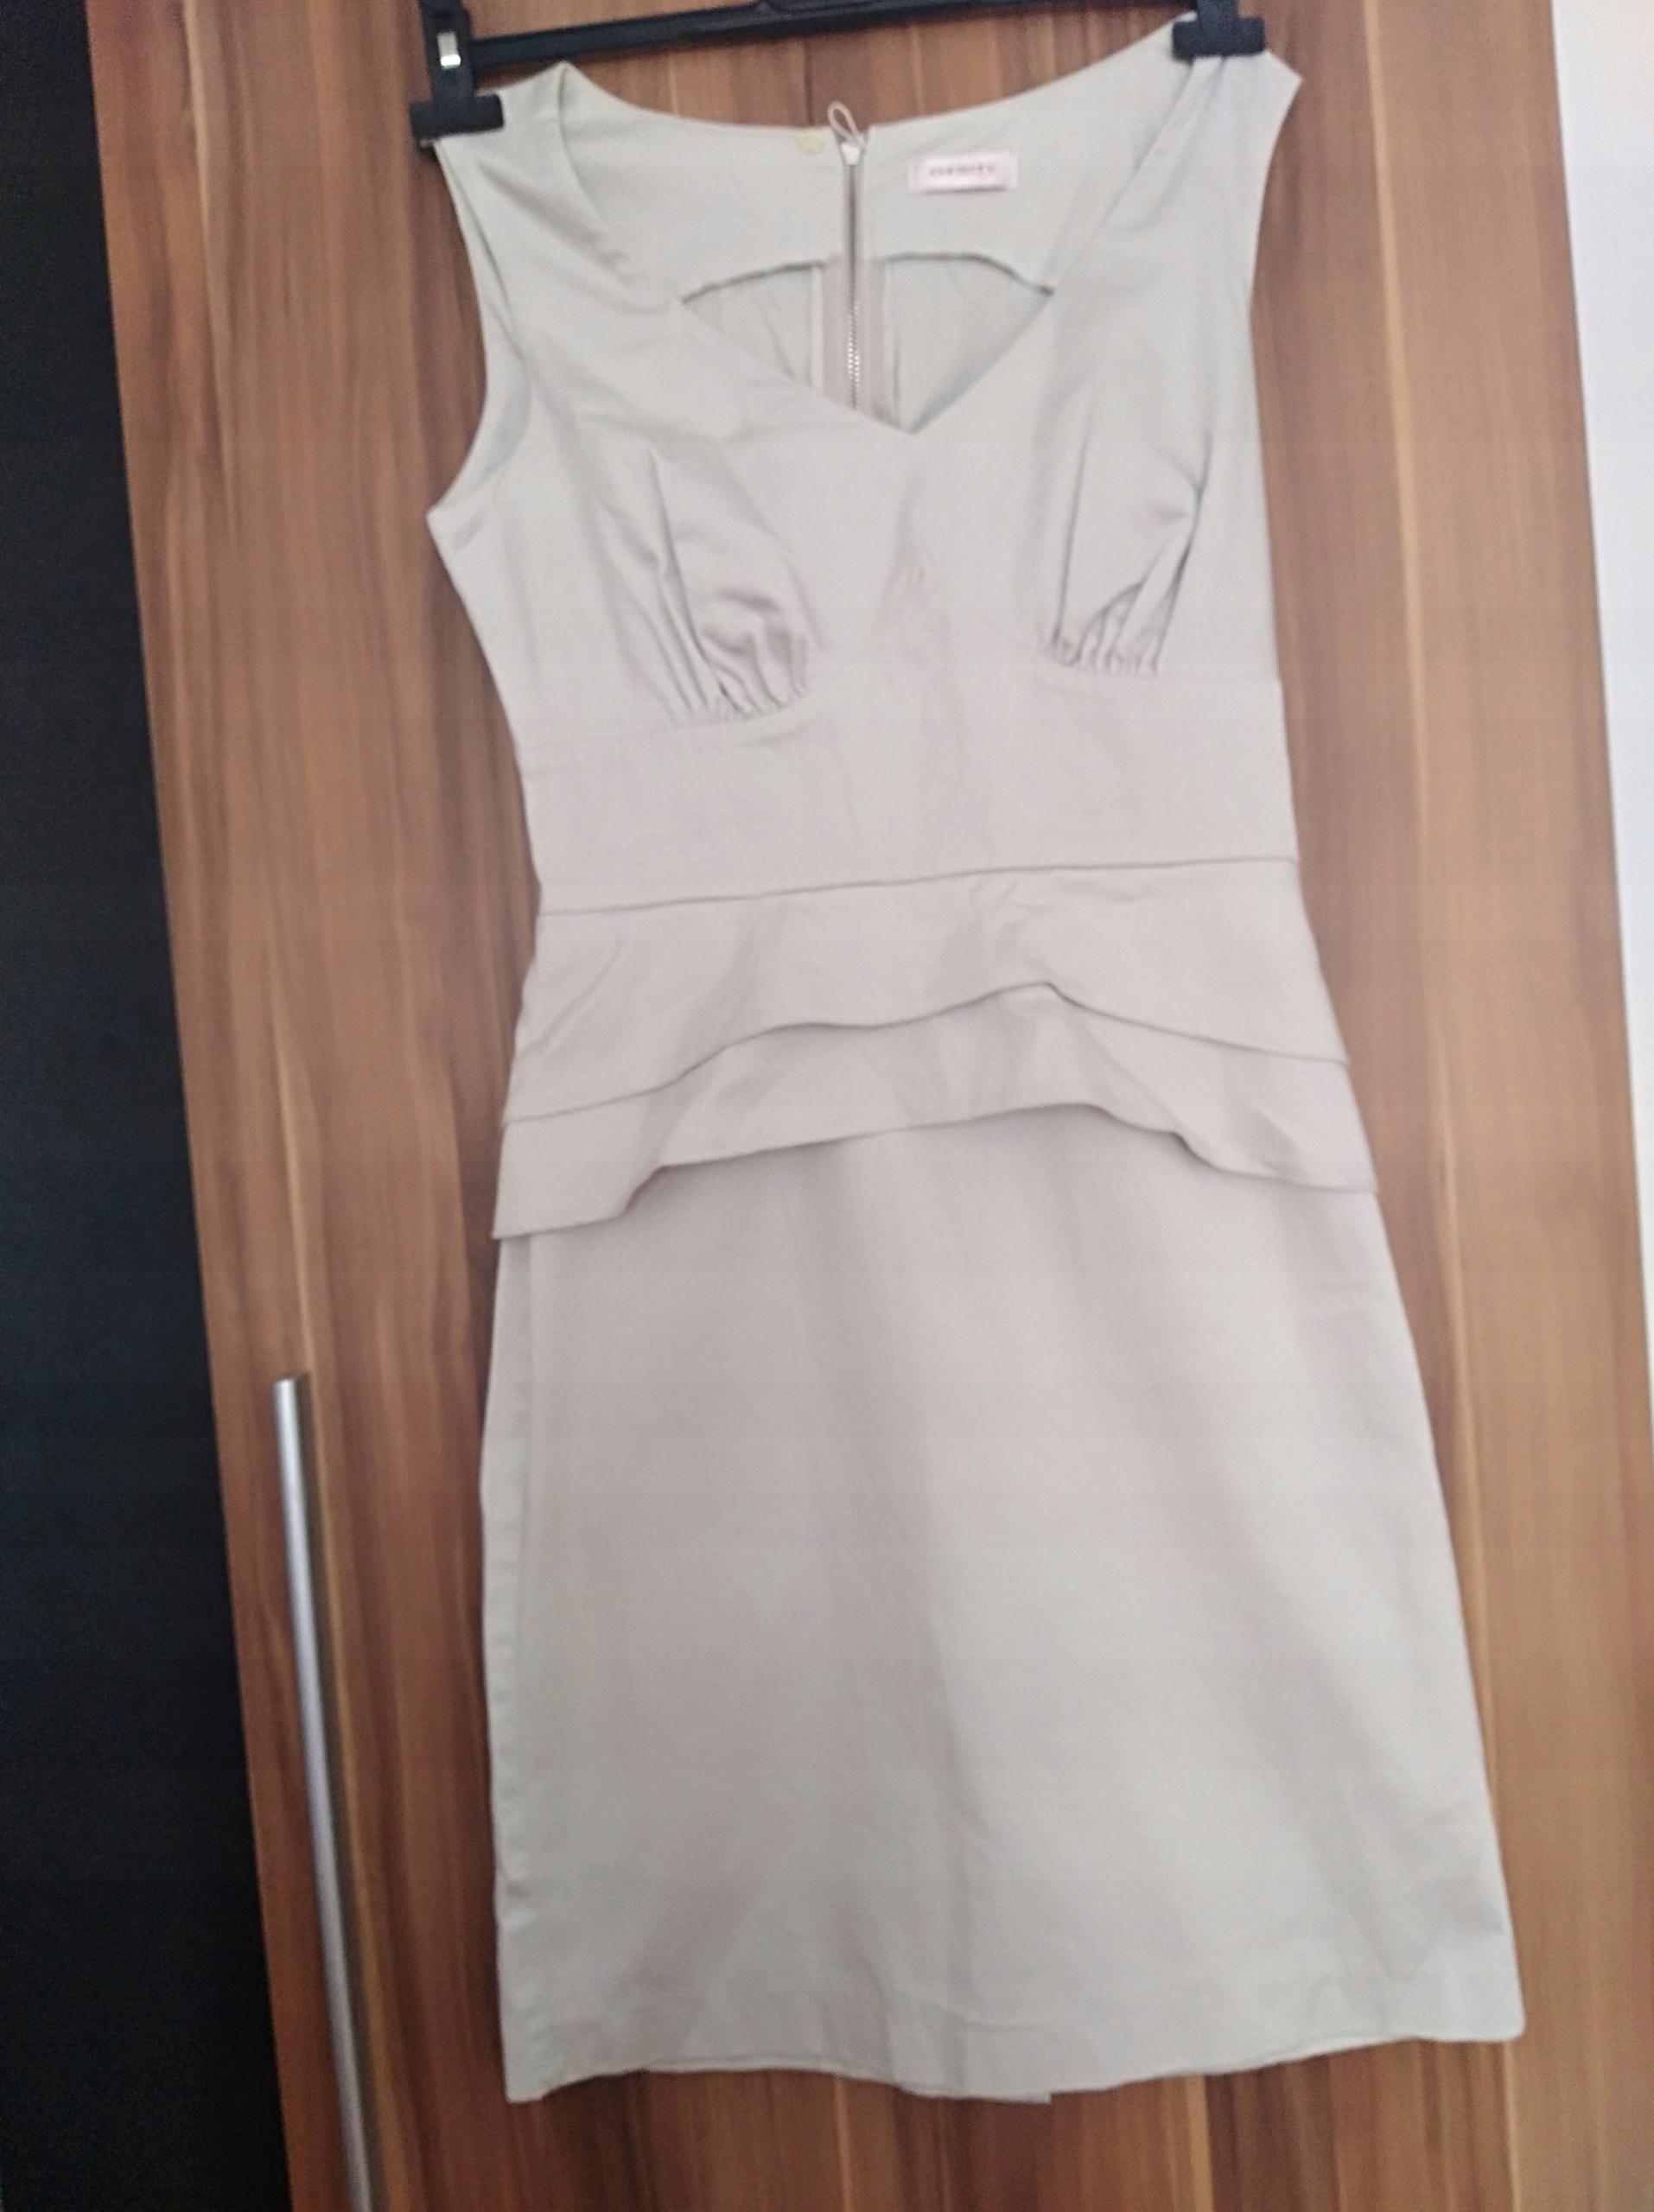 b0346a0005 Sukienka popielata ORSAY rozm. 36 - 7502815304 - oficjalne ...